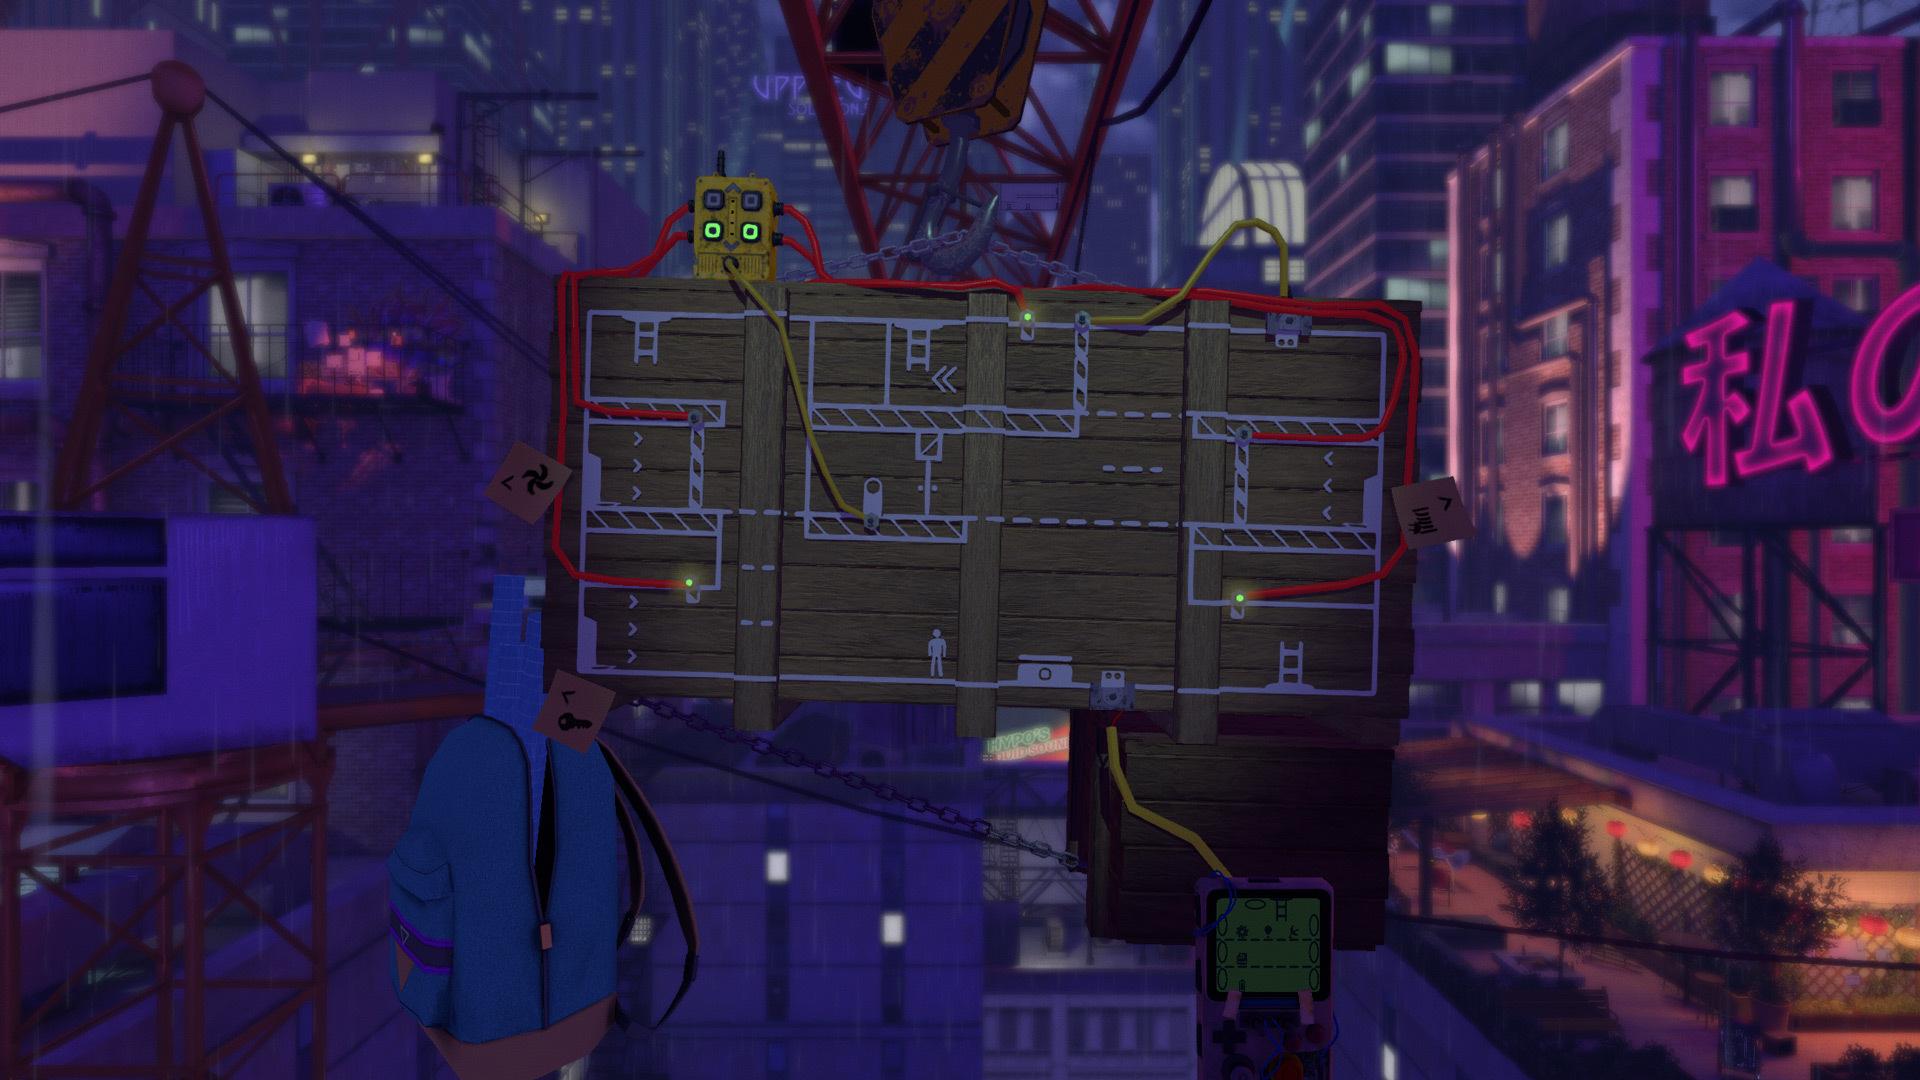 The Pedestrian screenshot 1